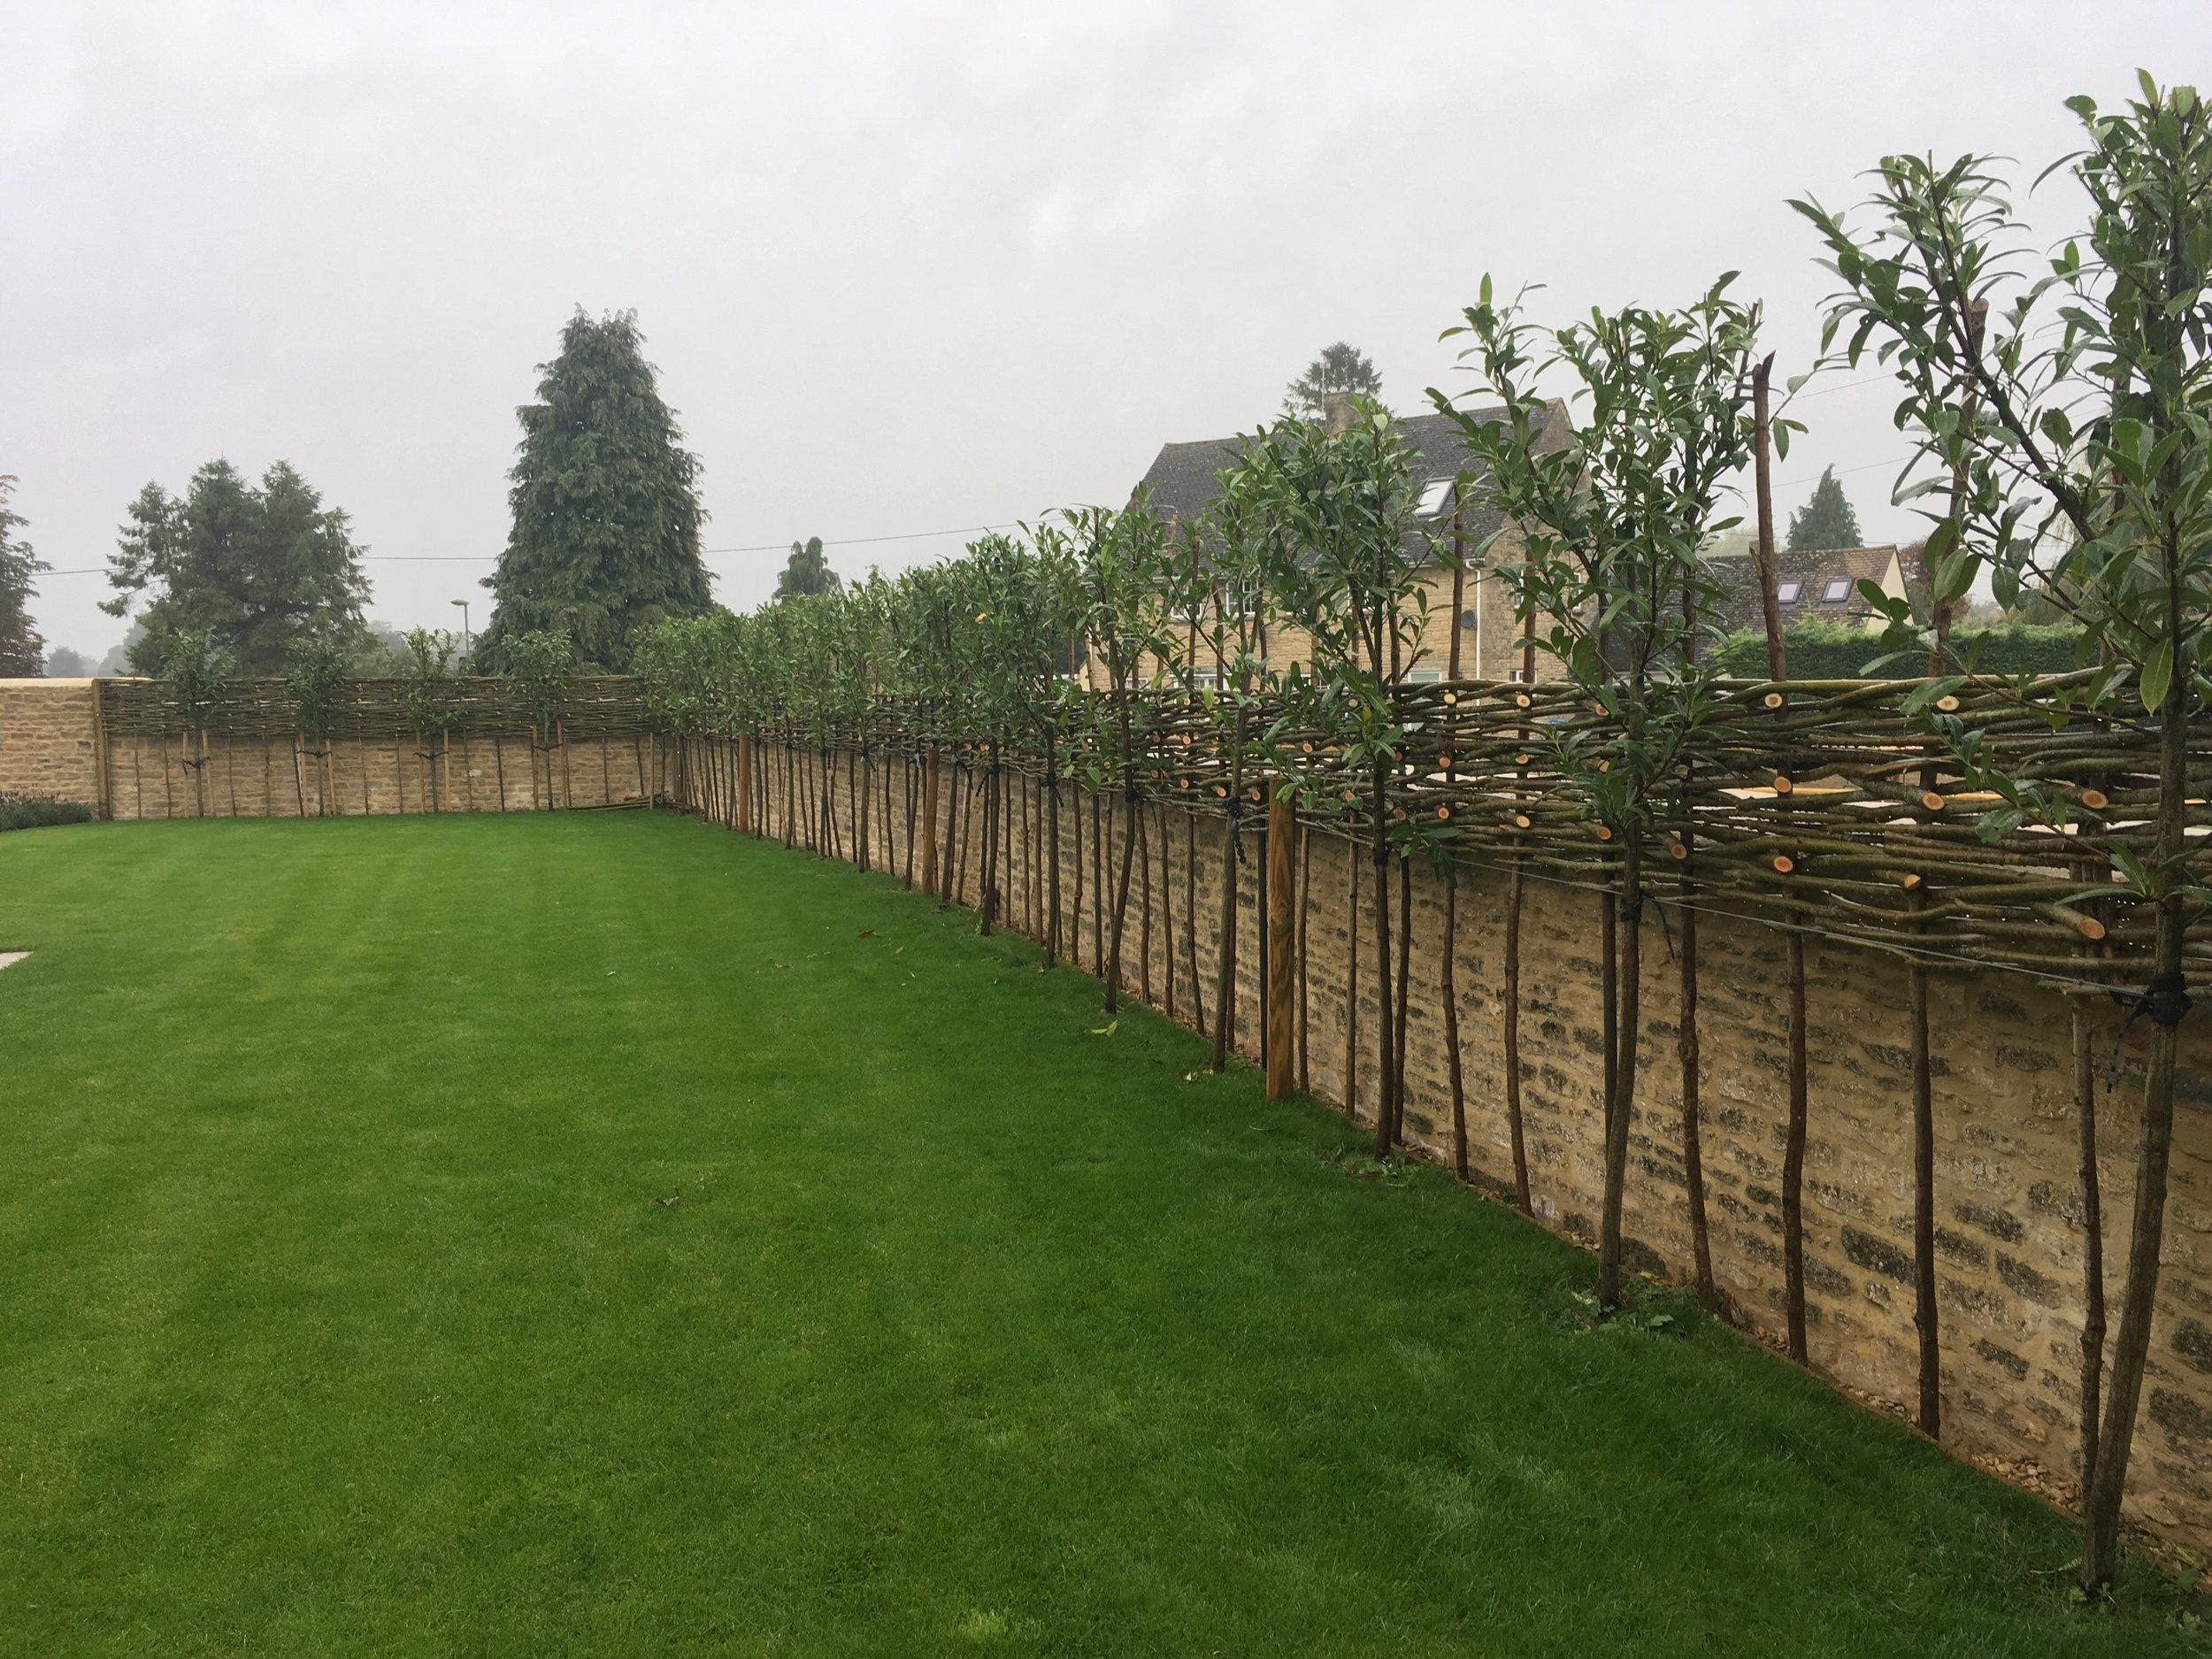 Wicker fencing